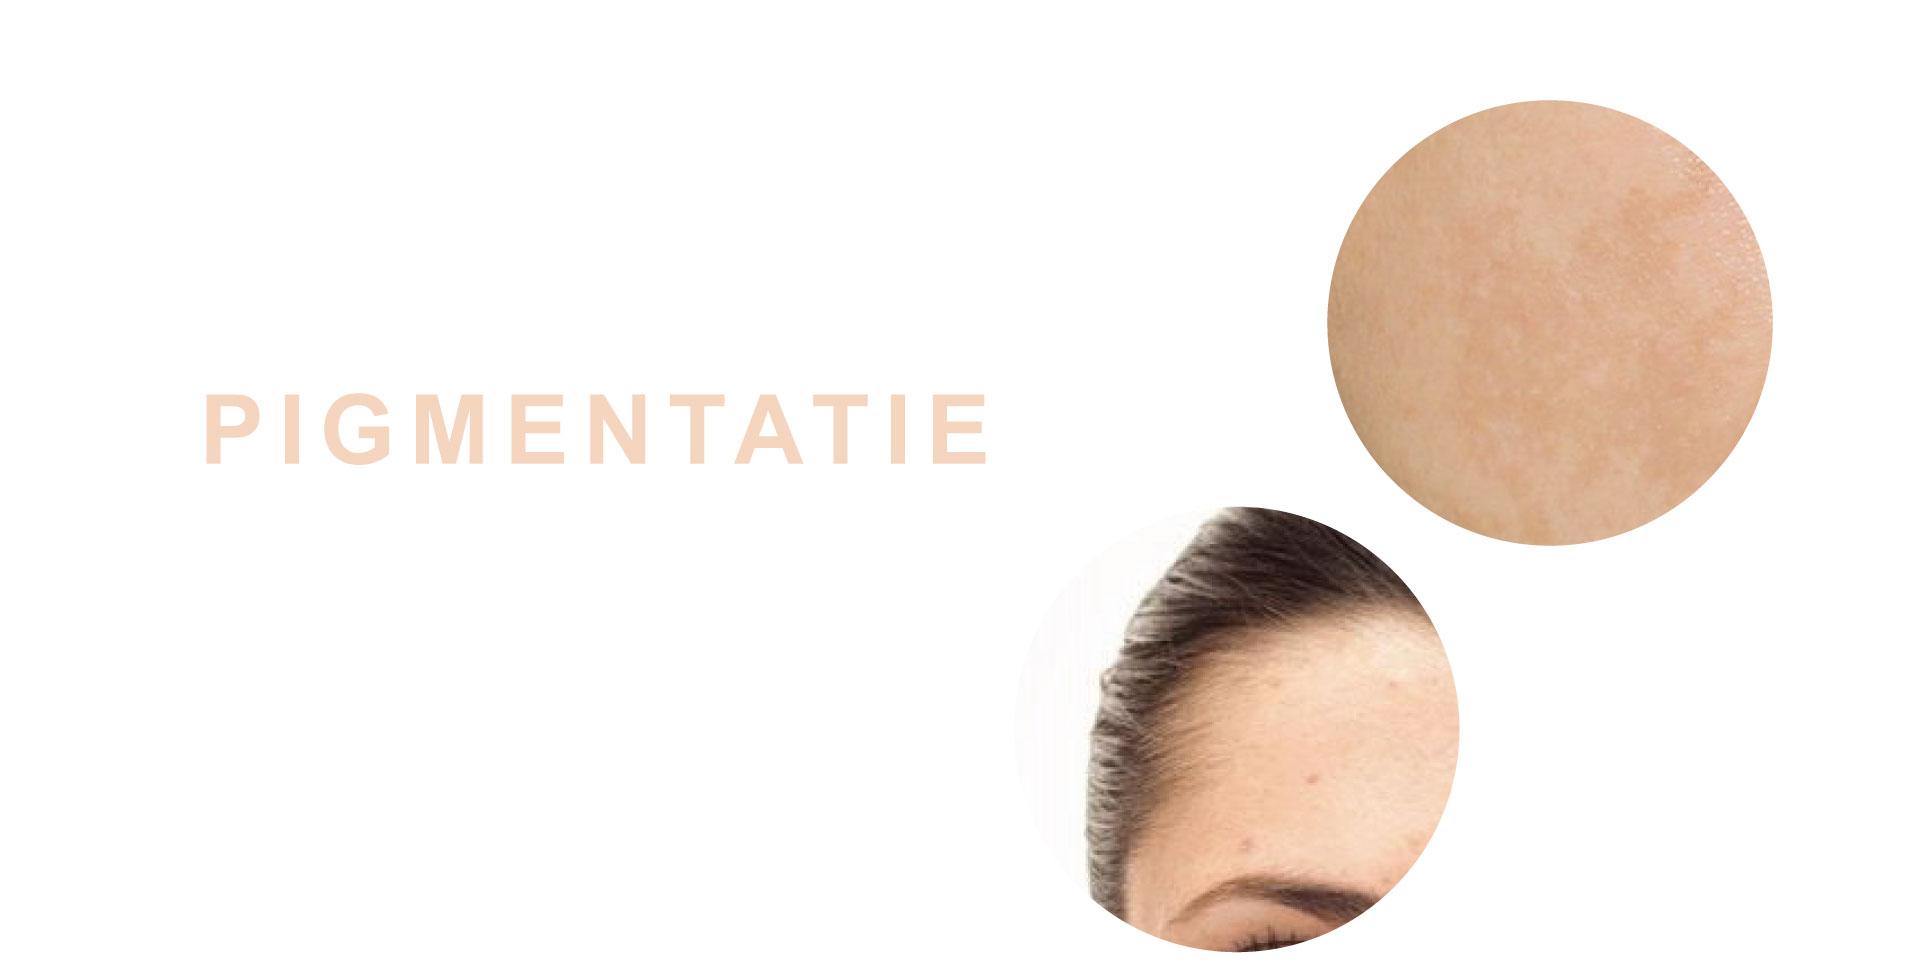 pigmentatie-behandeling-egale-huid-schoonheidsspecialiste-tessenderlo